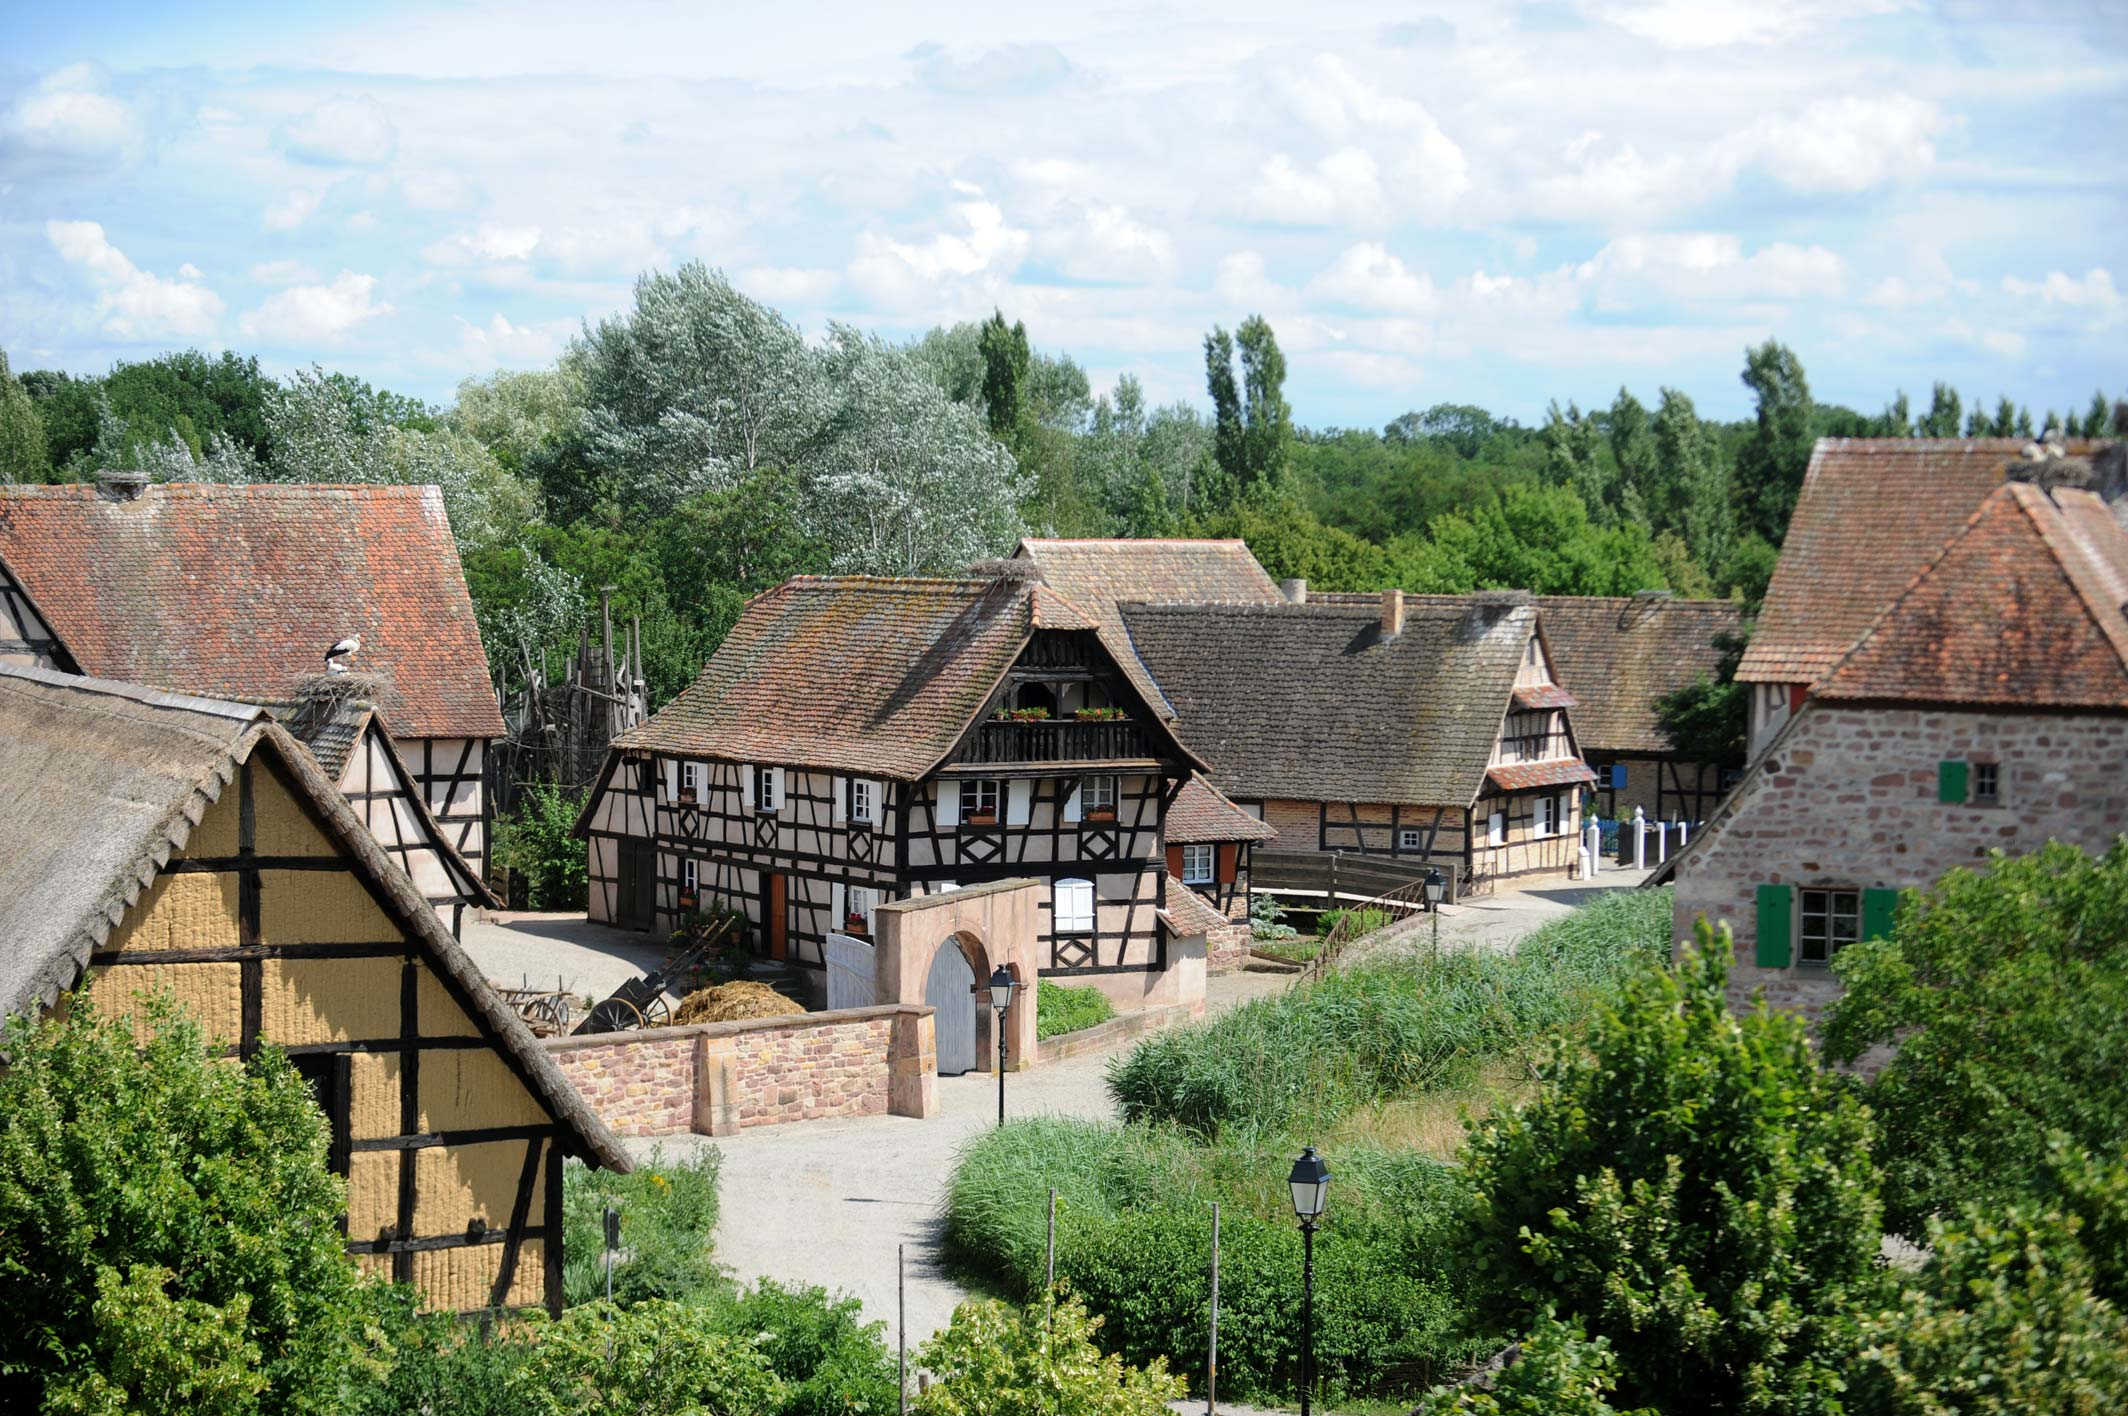 Écomusée d'Alsace - Pass Alsace